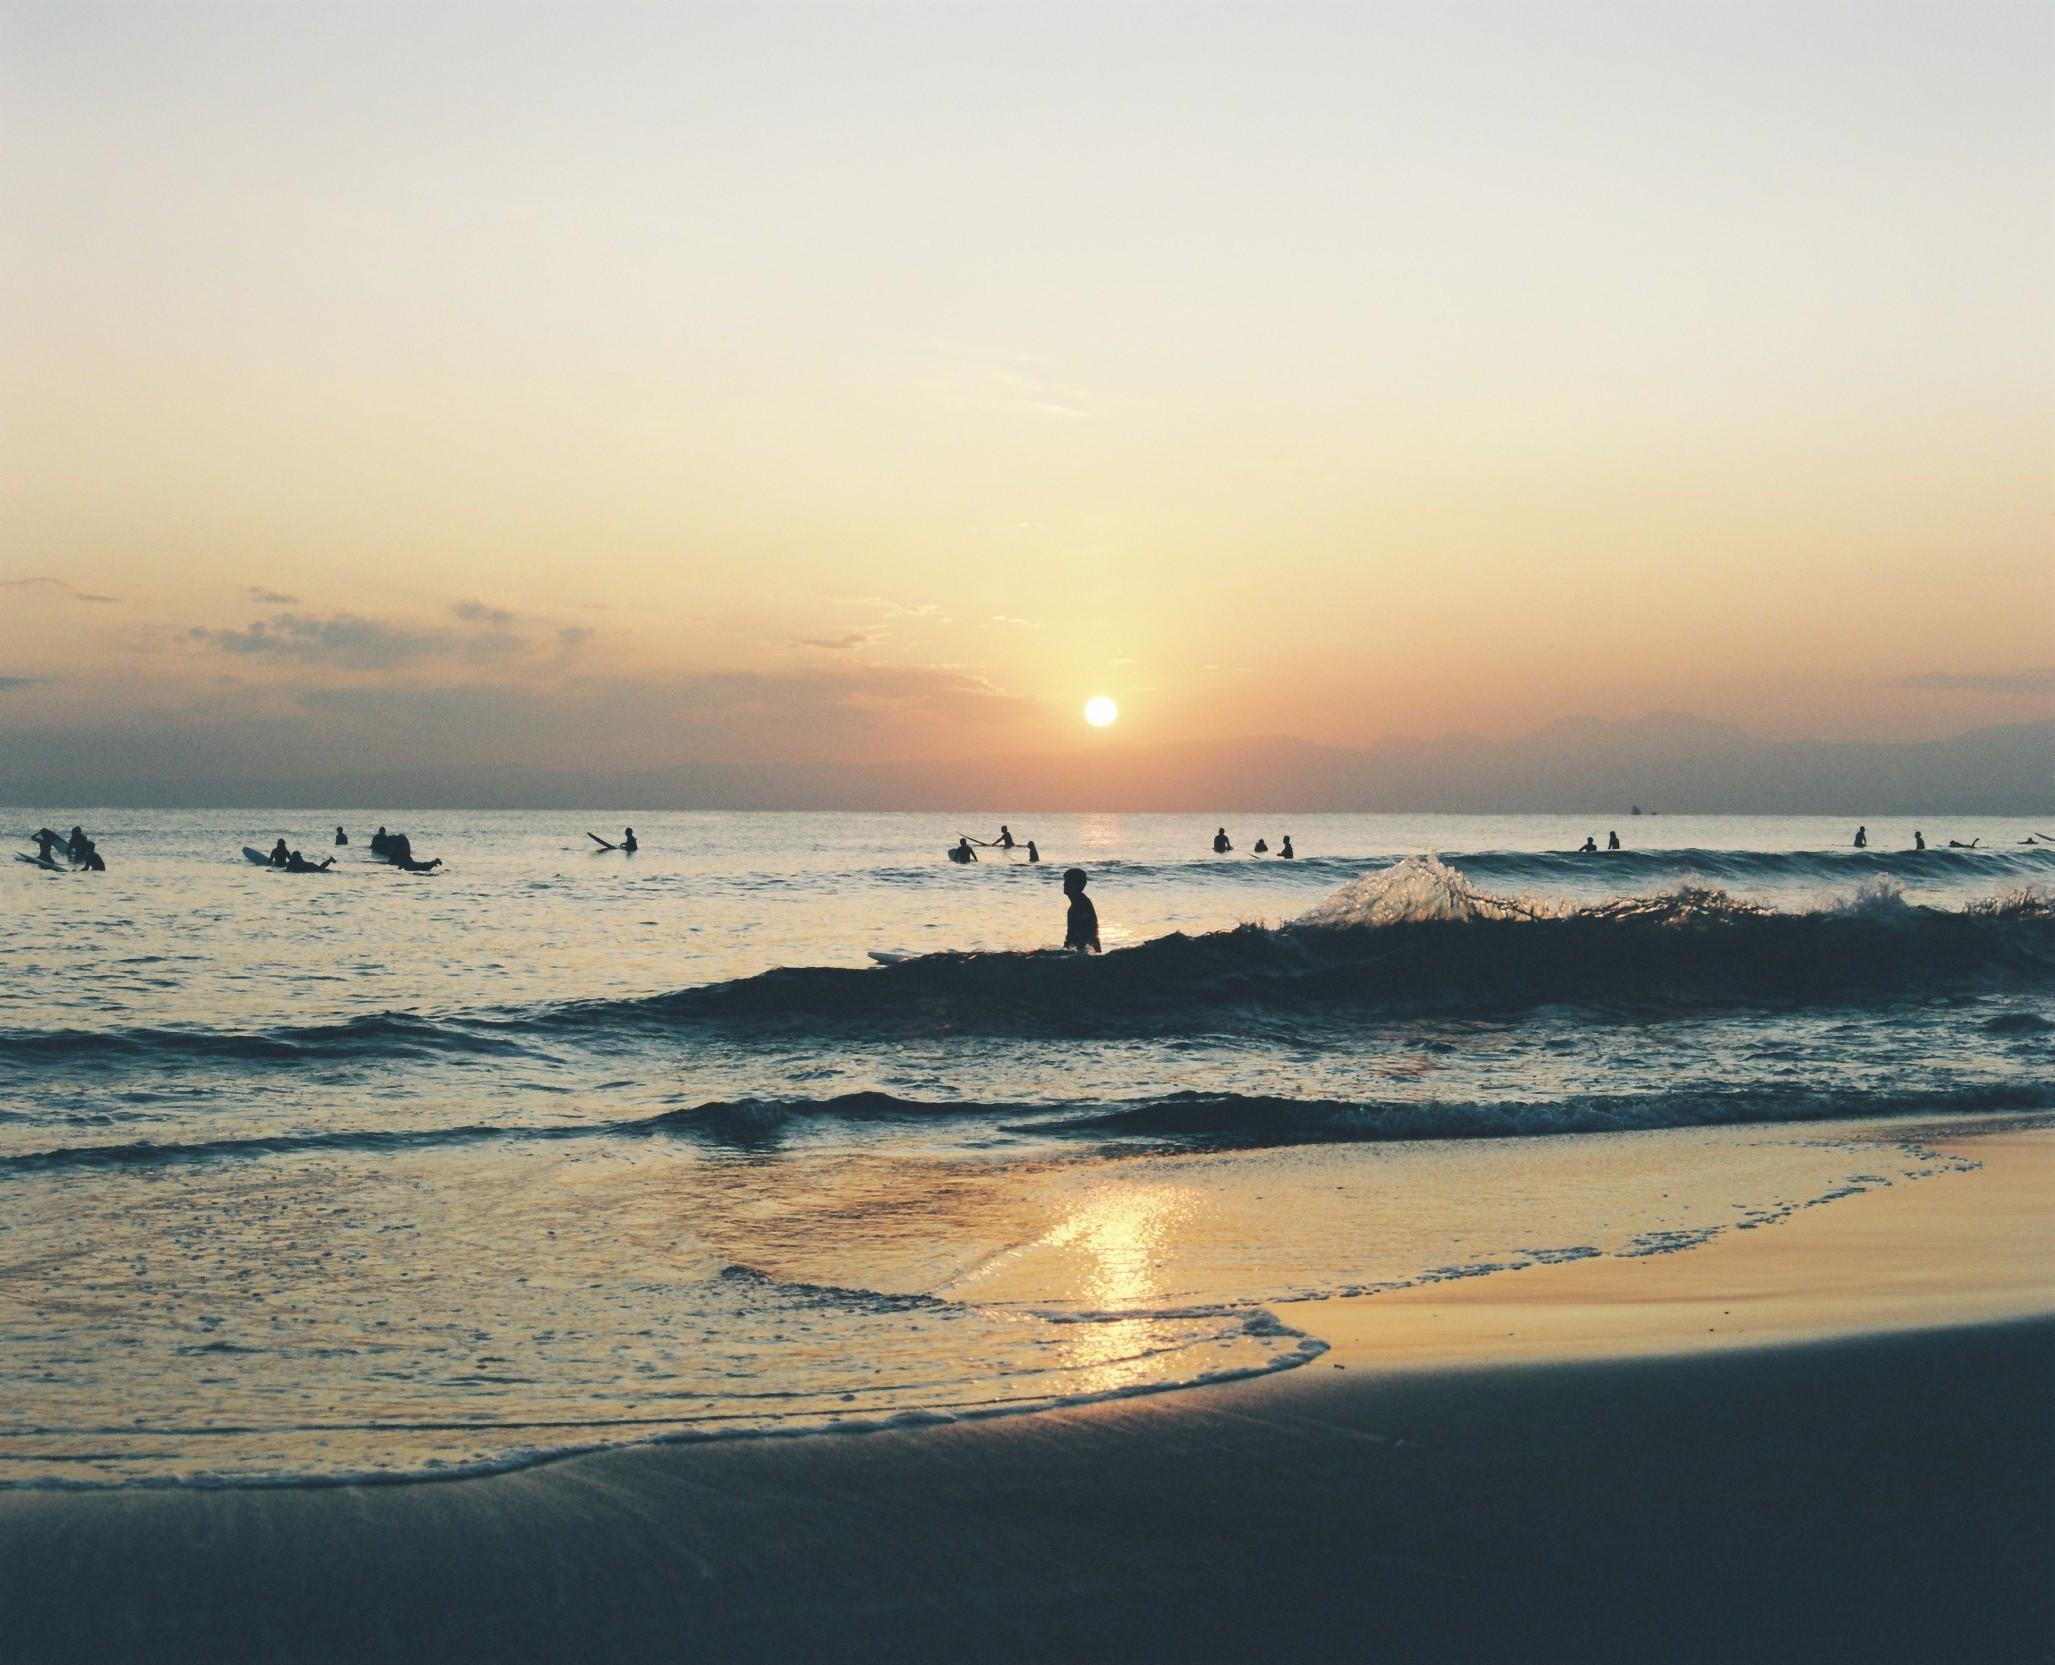 鵠沼海岸の夕暮れ